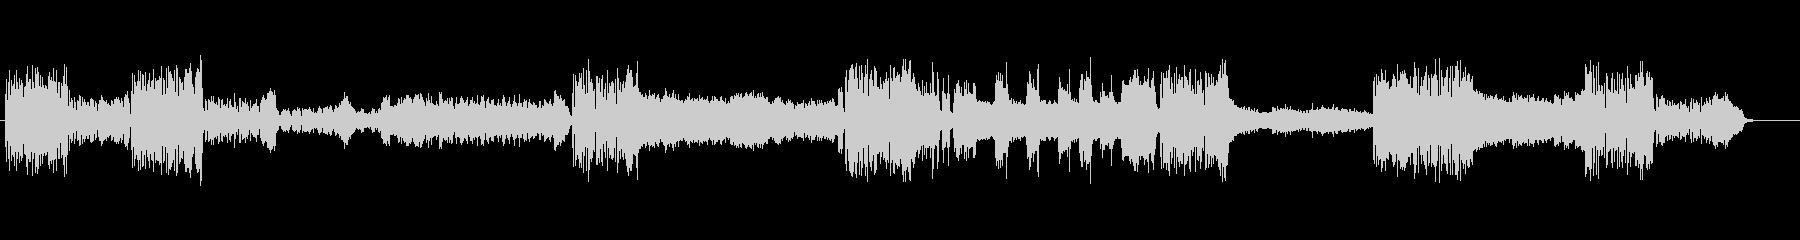 [春] ビバルディ/「四季」より「春」の未再生の波形